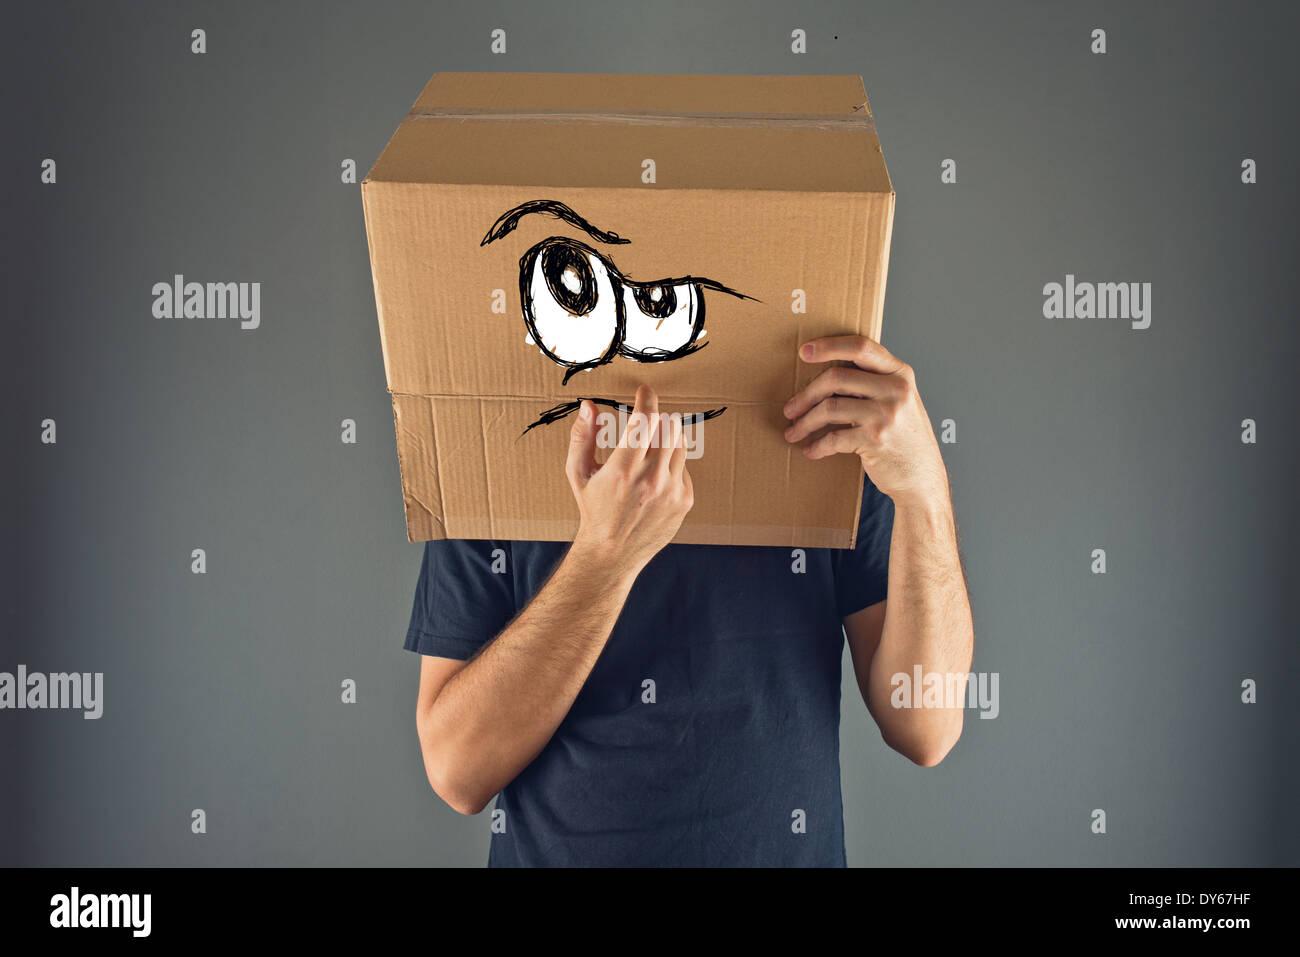 Hombre pensando con caja de cartón en la cabeza con expresión de cara seria. Imagen De Stock